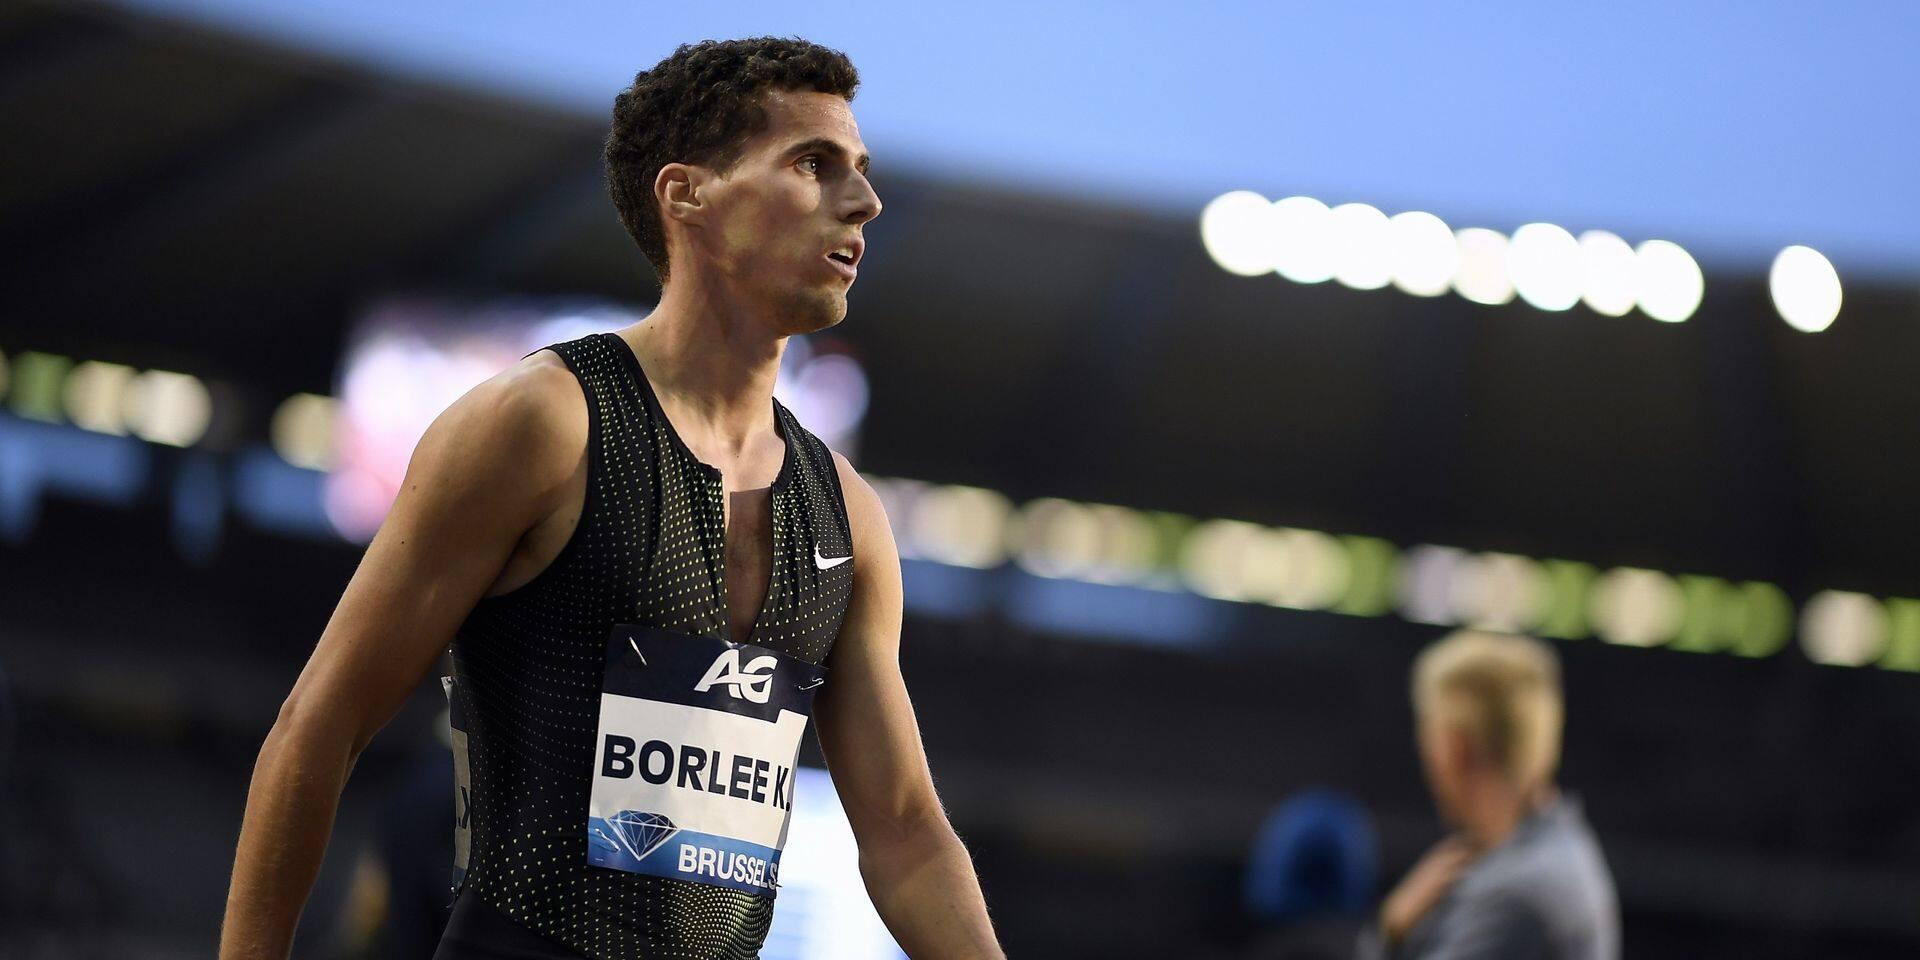 La fédération belge sélectionne les trois relais du 4X400m en vue des Mondiaux de Doha